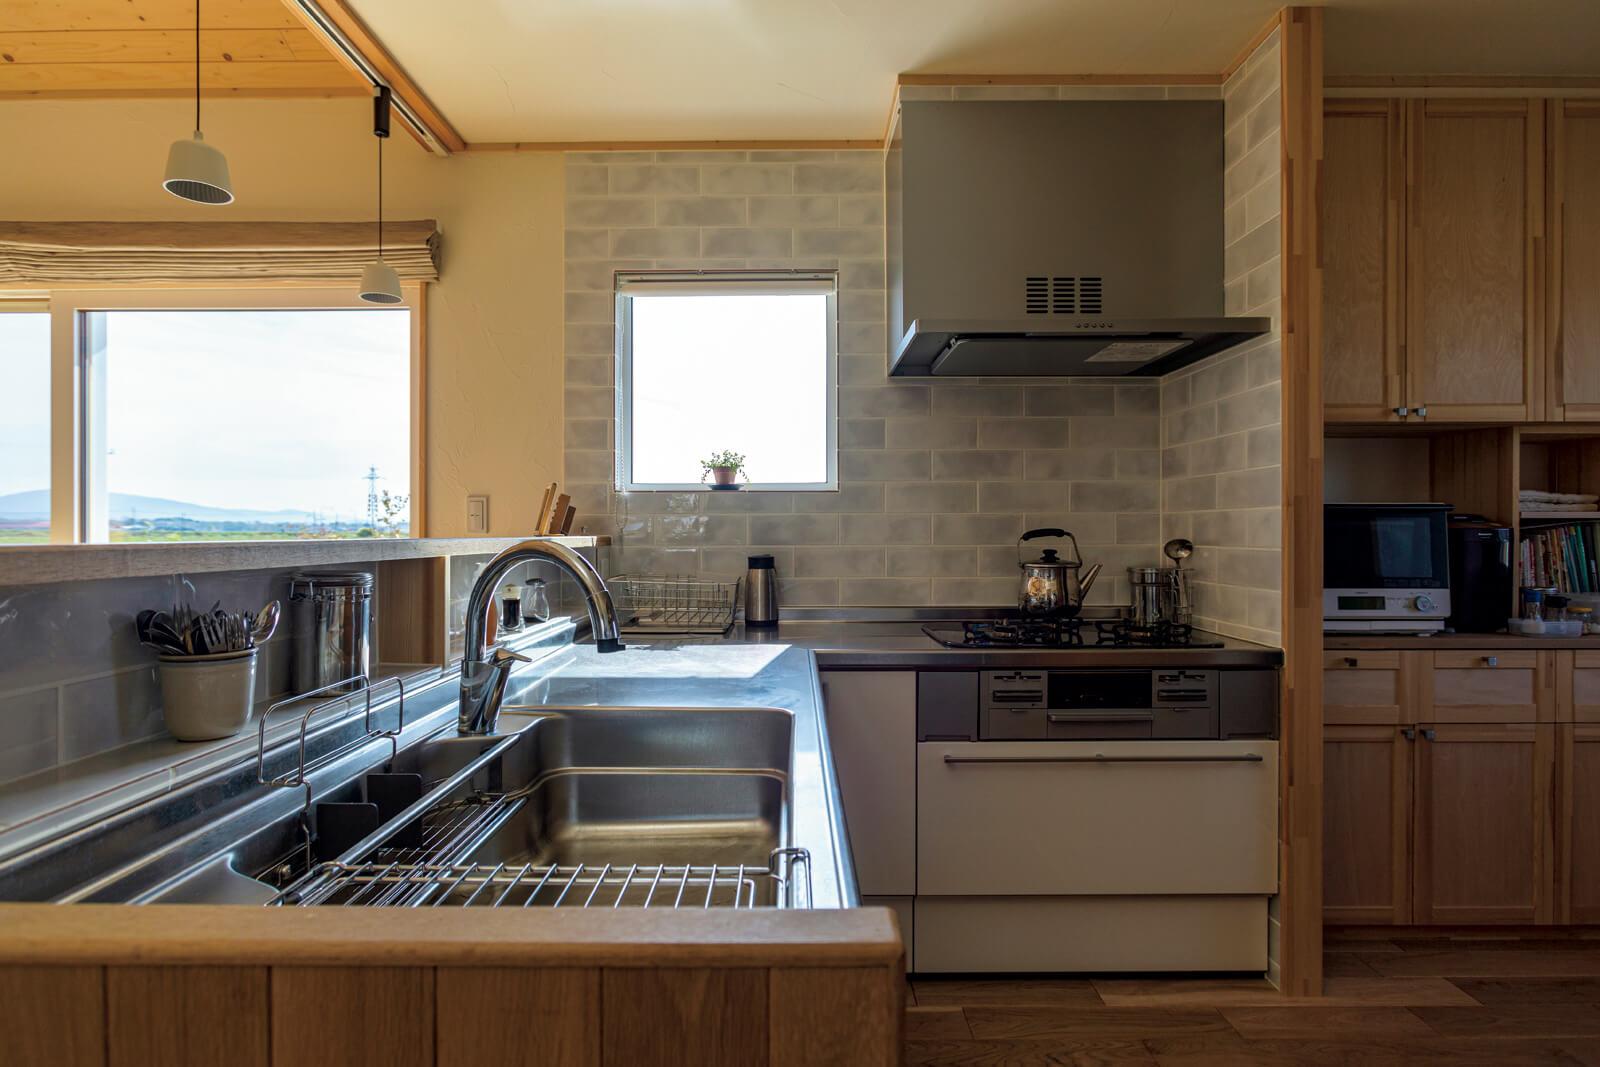 ゆったりとした広さを確保したL字型のキッチンは奥さんの希望を叶えたもの。玄関からシューズクロークを抜けて直接キッチンにアクセスすることができる